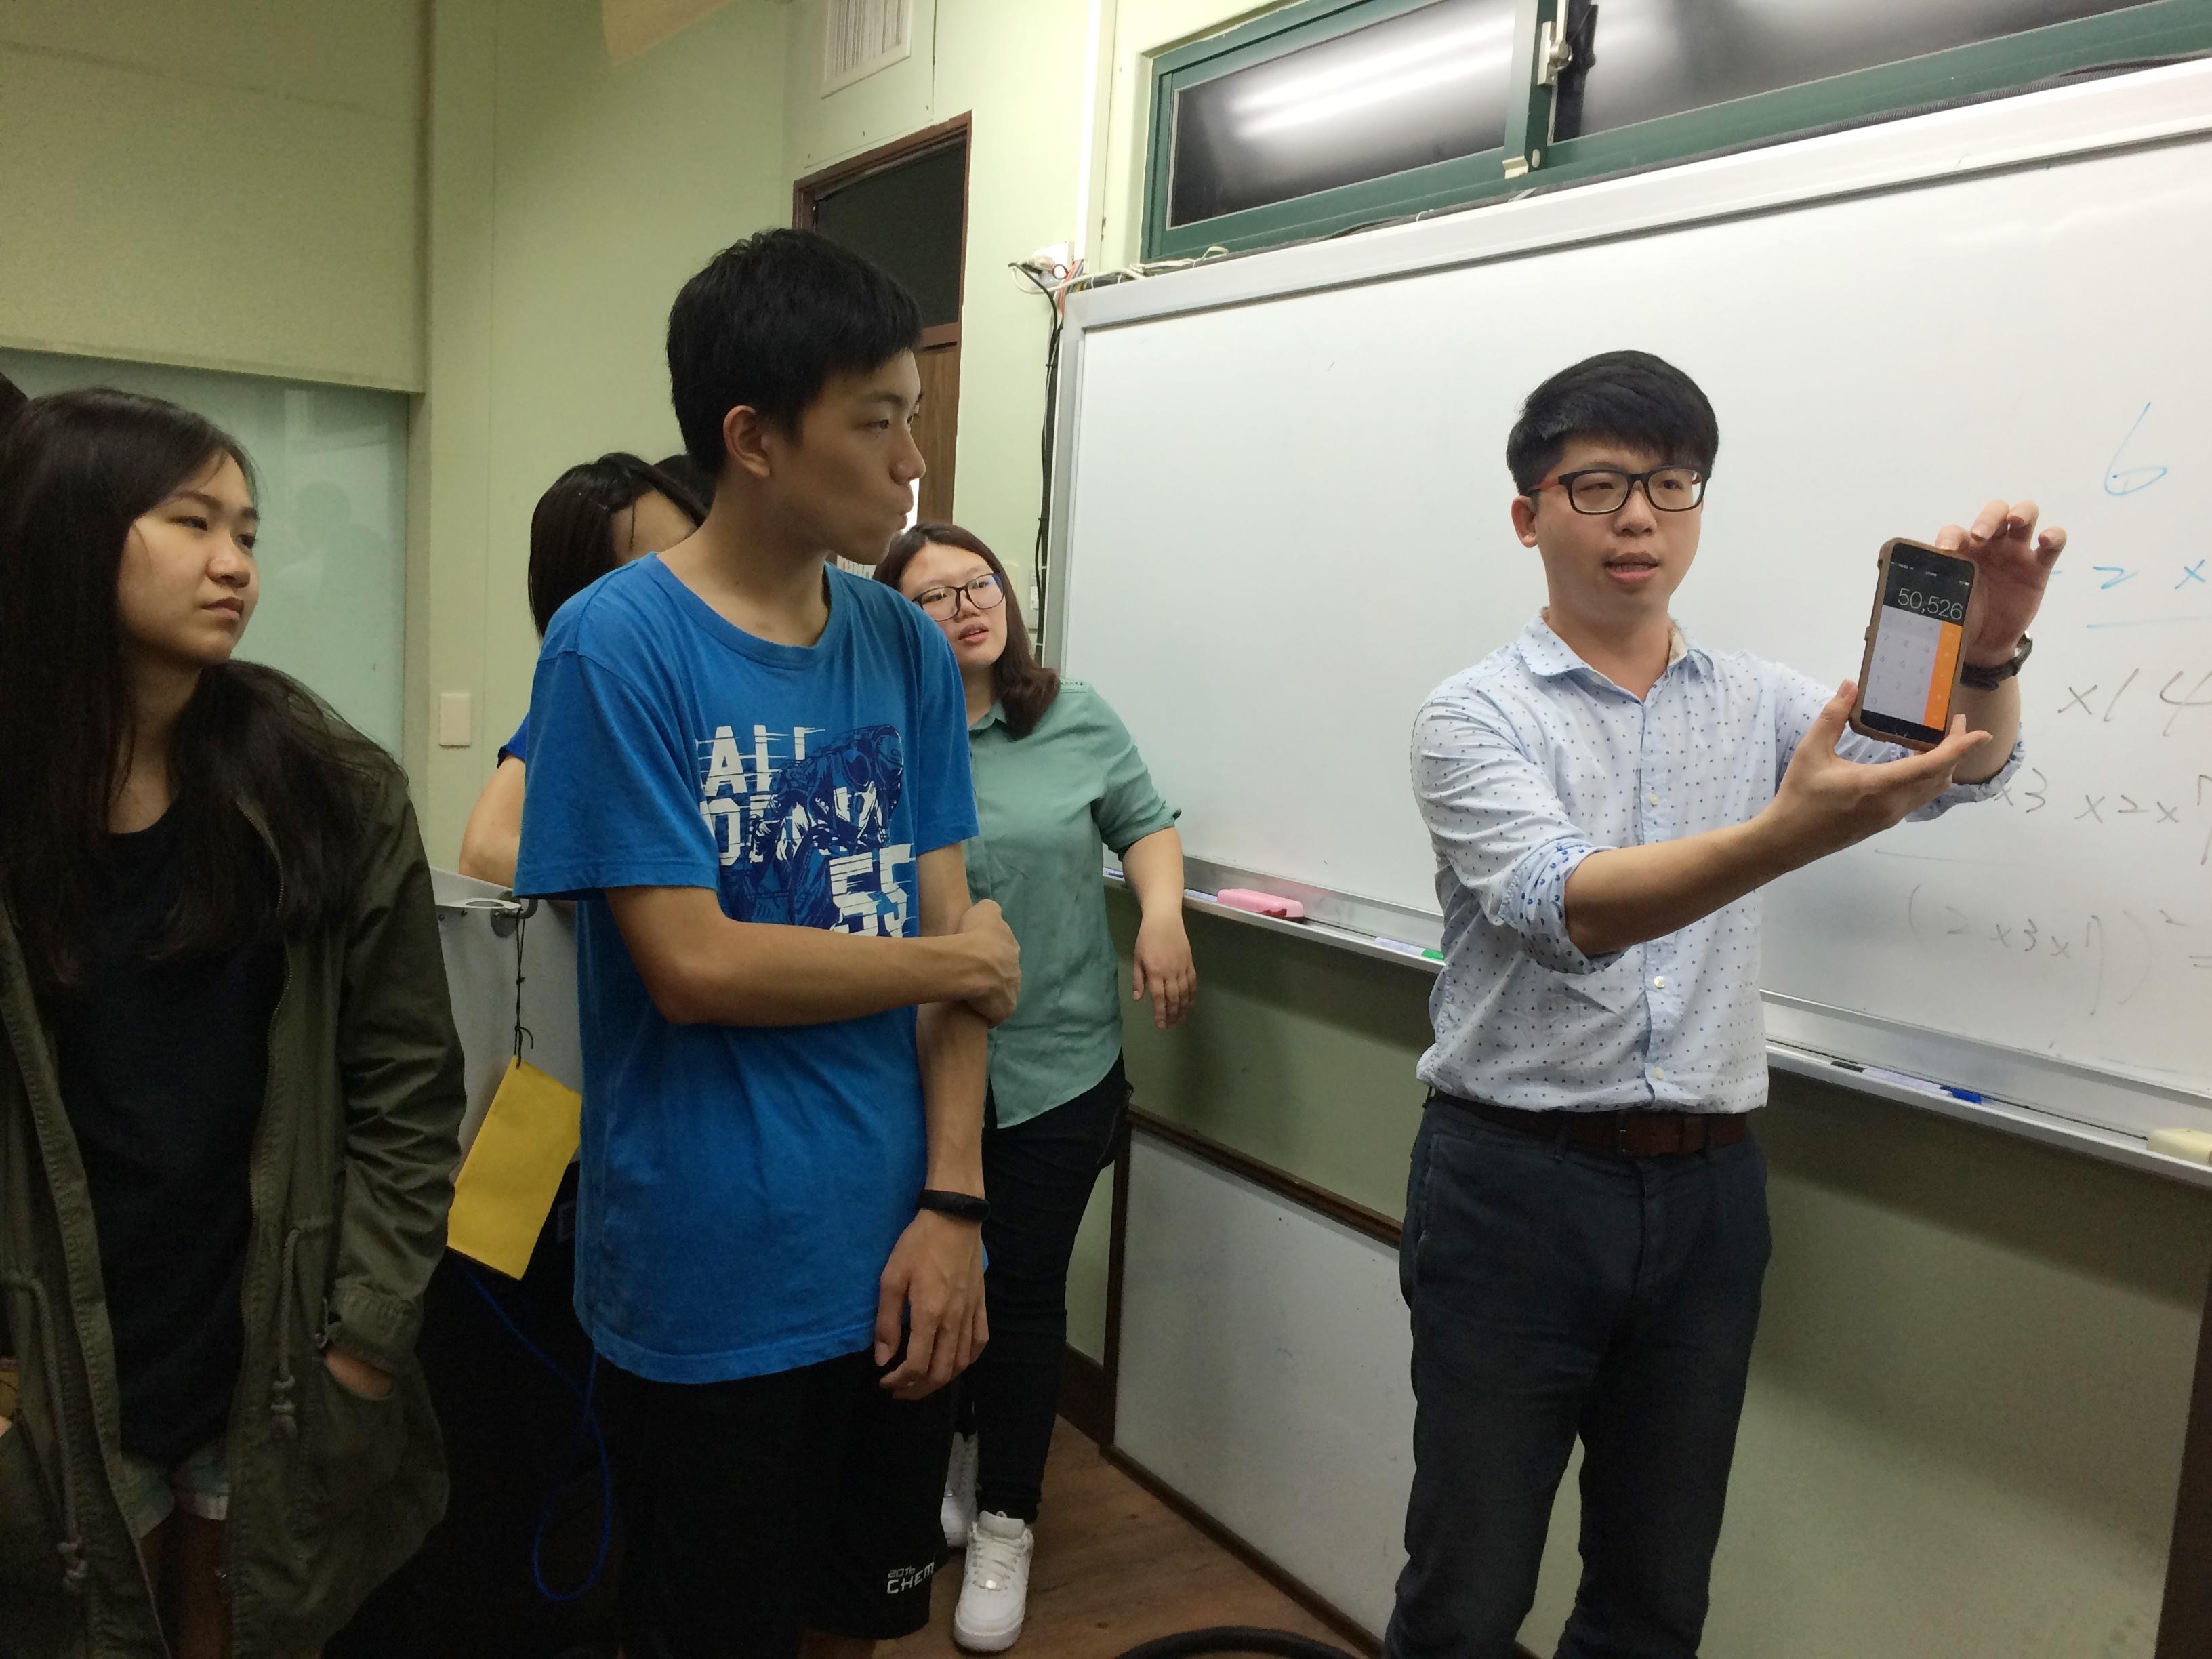 通稿照片3-莊惟棟老師(右一)說明手機計算機預言魔術,是應用質因數分解概念。.JPG